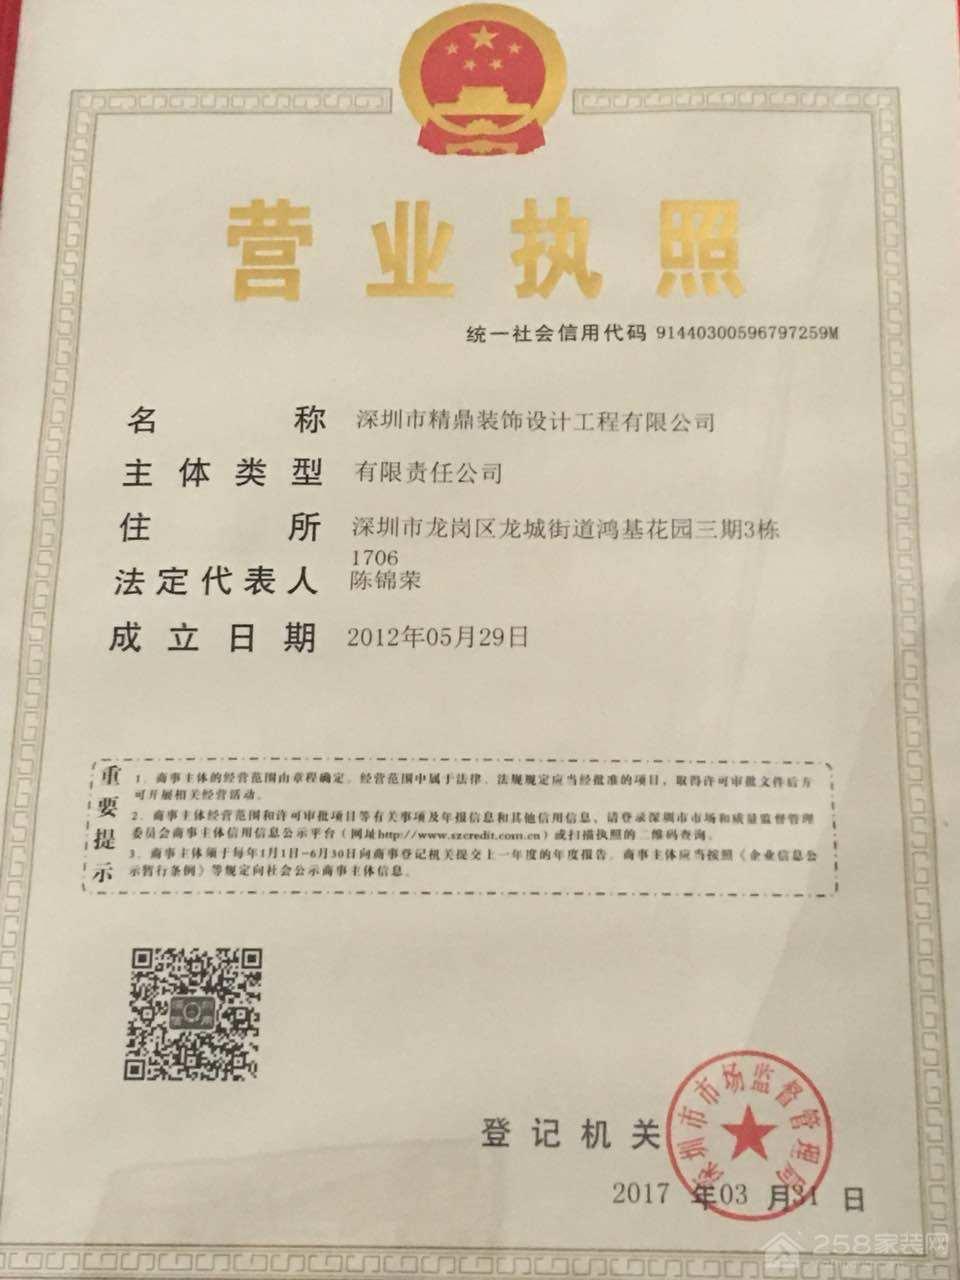 深圳市精鼎装饰设计工程有限公司